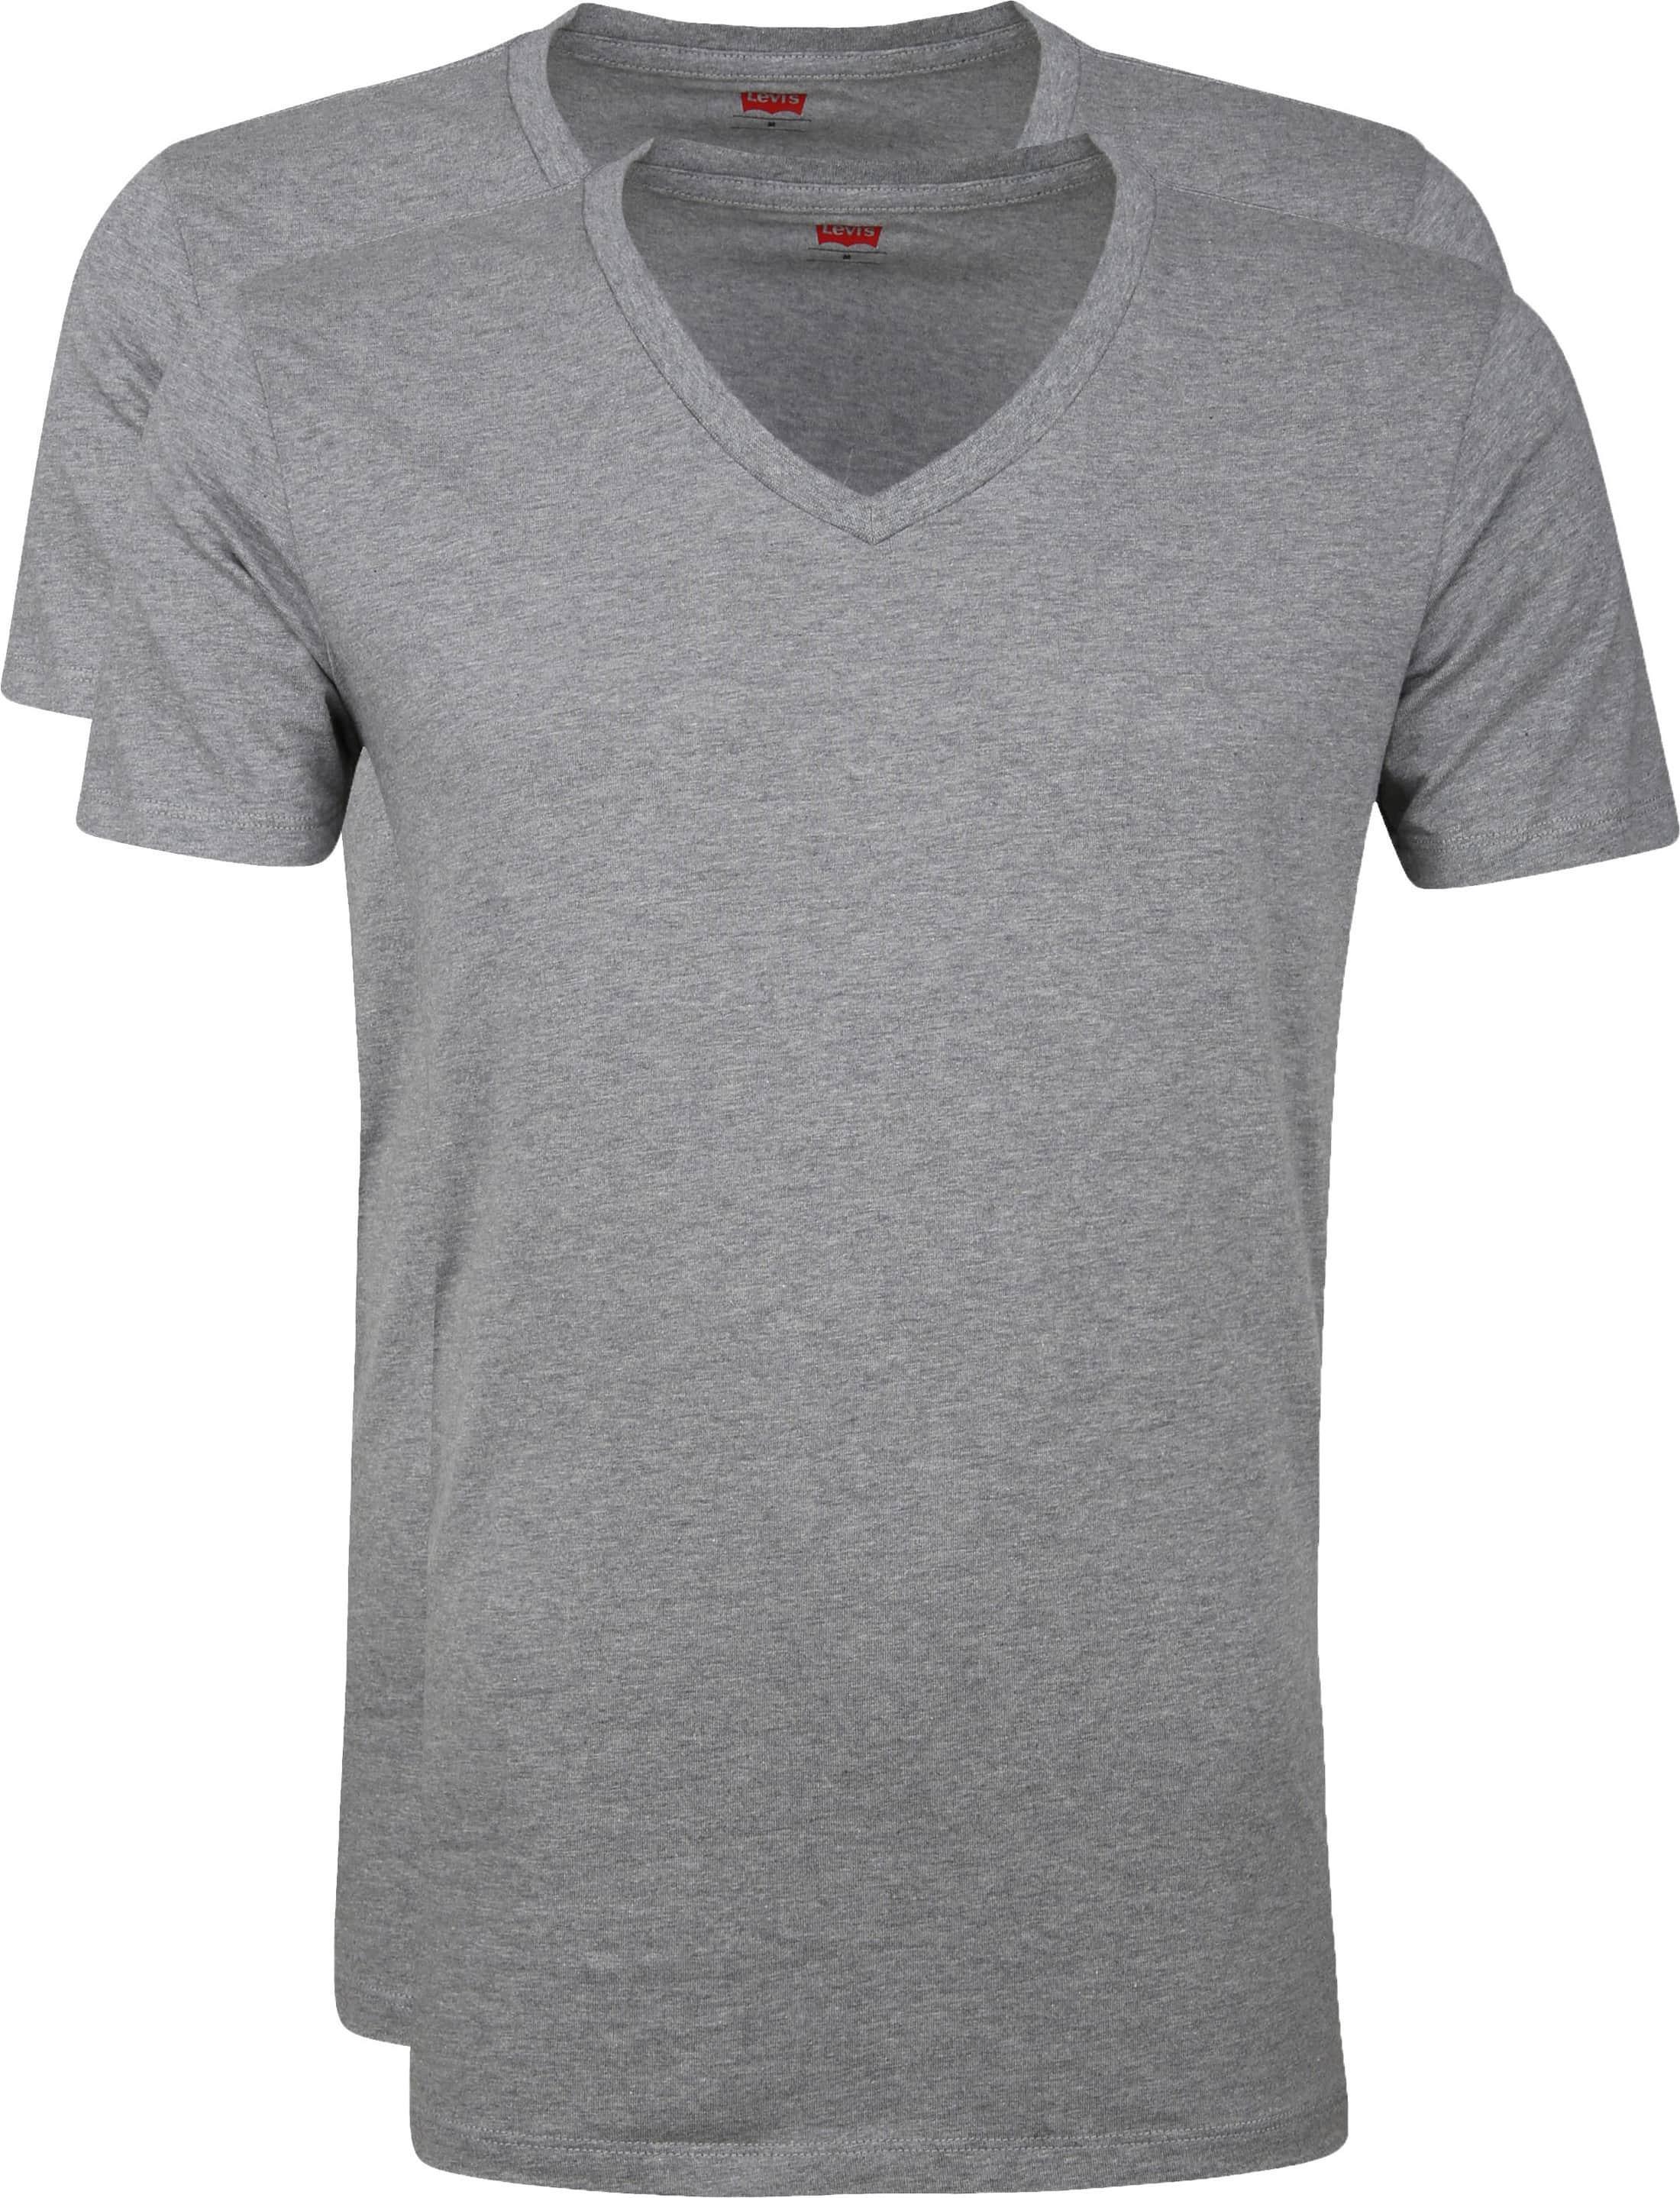 Levi's T-Shirt V-Ausschnit Grau 2-Pack